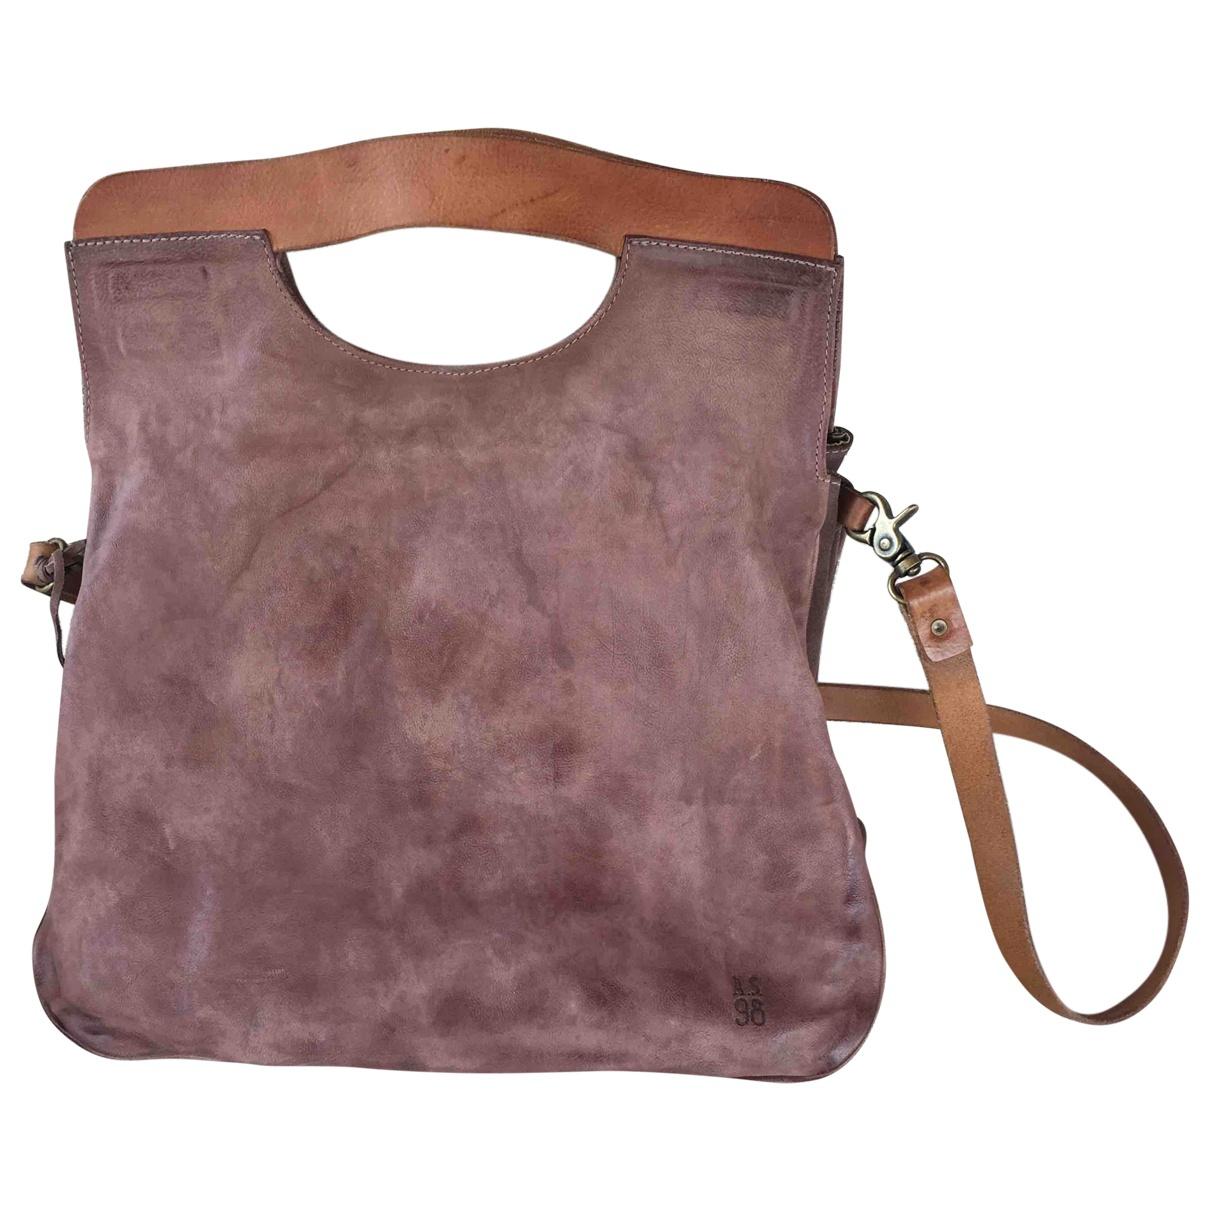 A.s.98 \N Handtasche in Leder